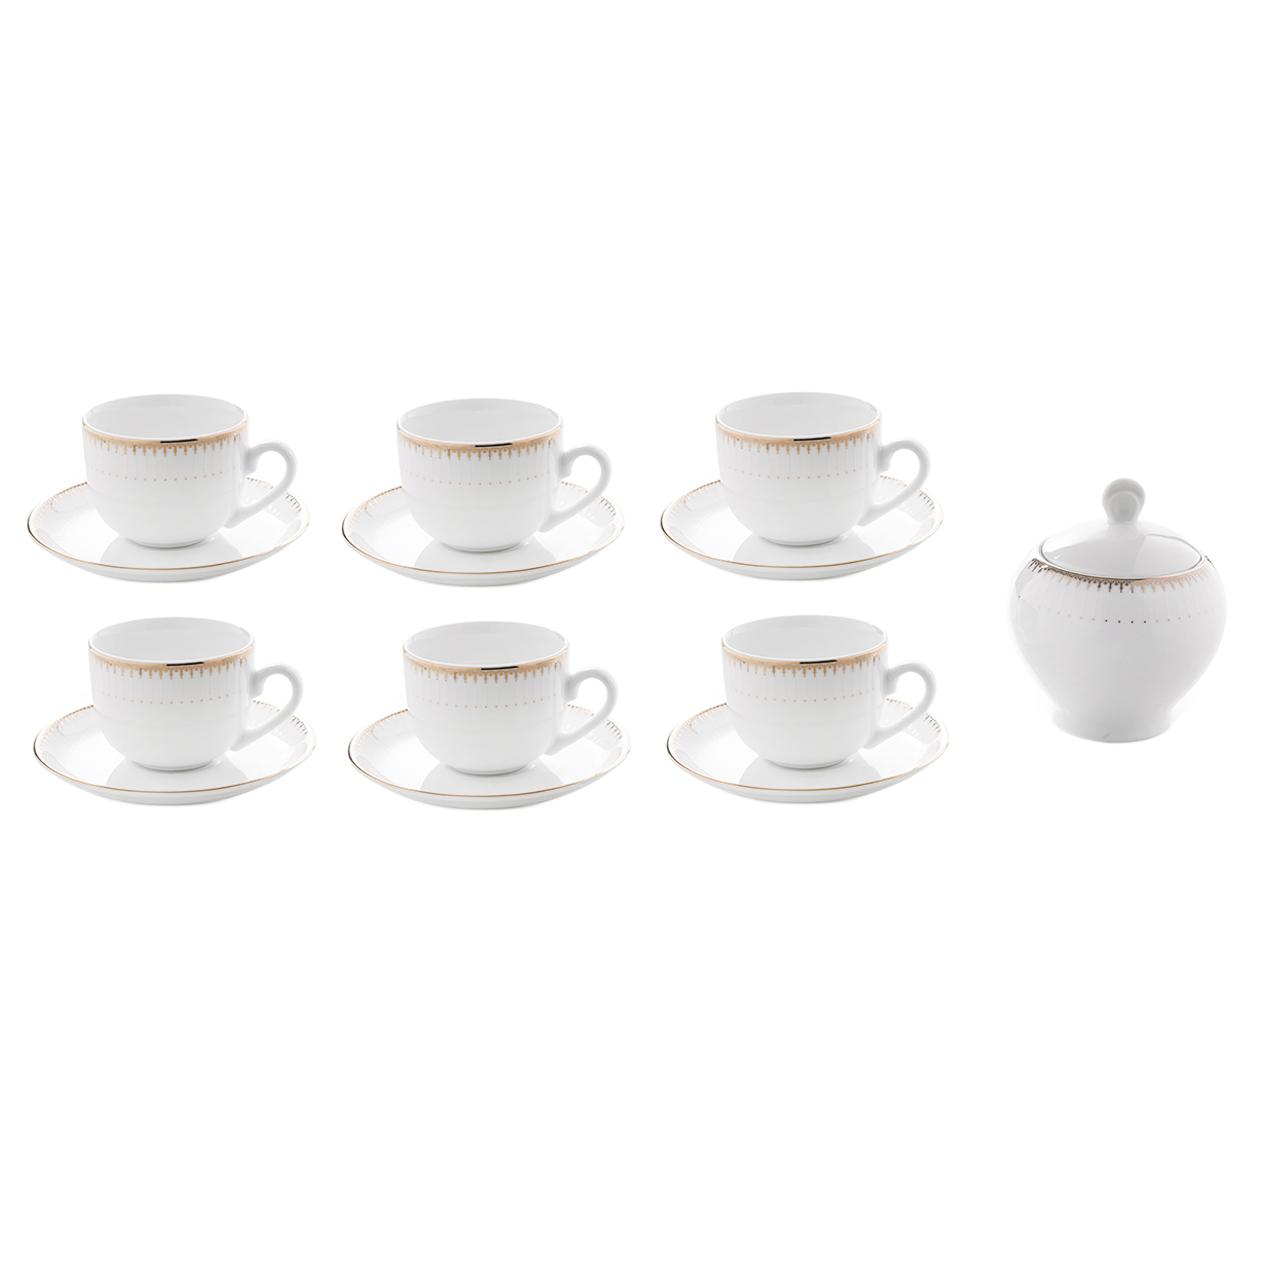 سرویس چای خوری 14 پارچه چینی زرین ایران سری ایتالیا اف مدل سپیدار درجه یک